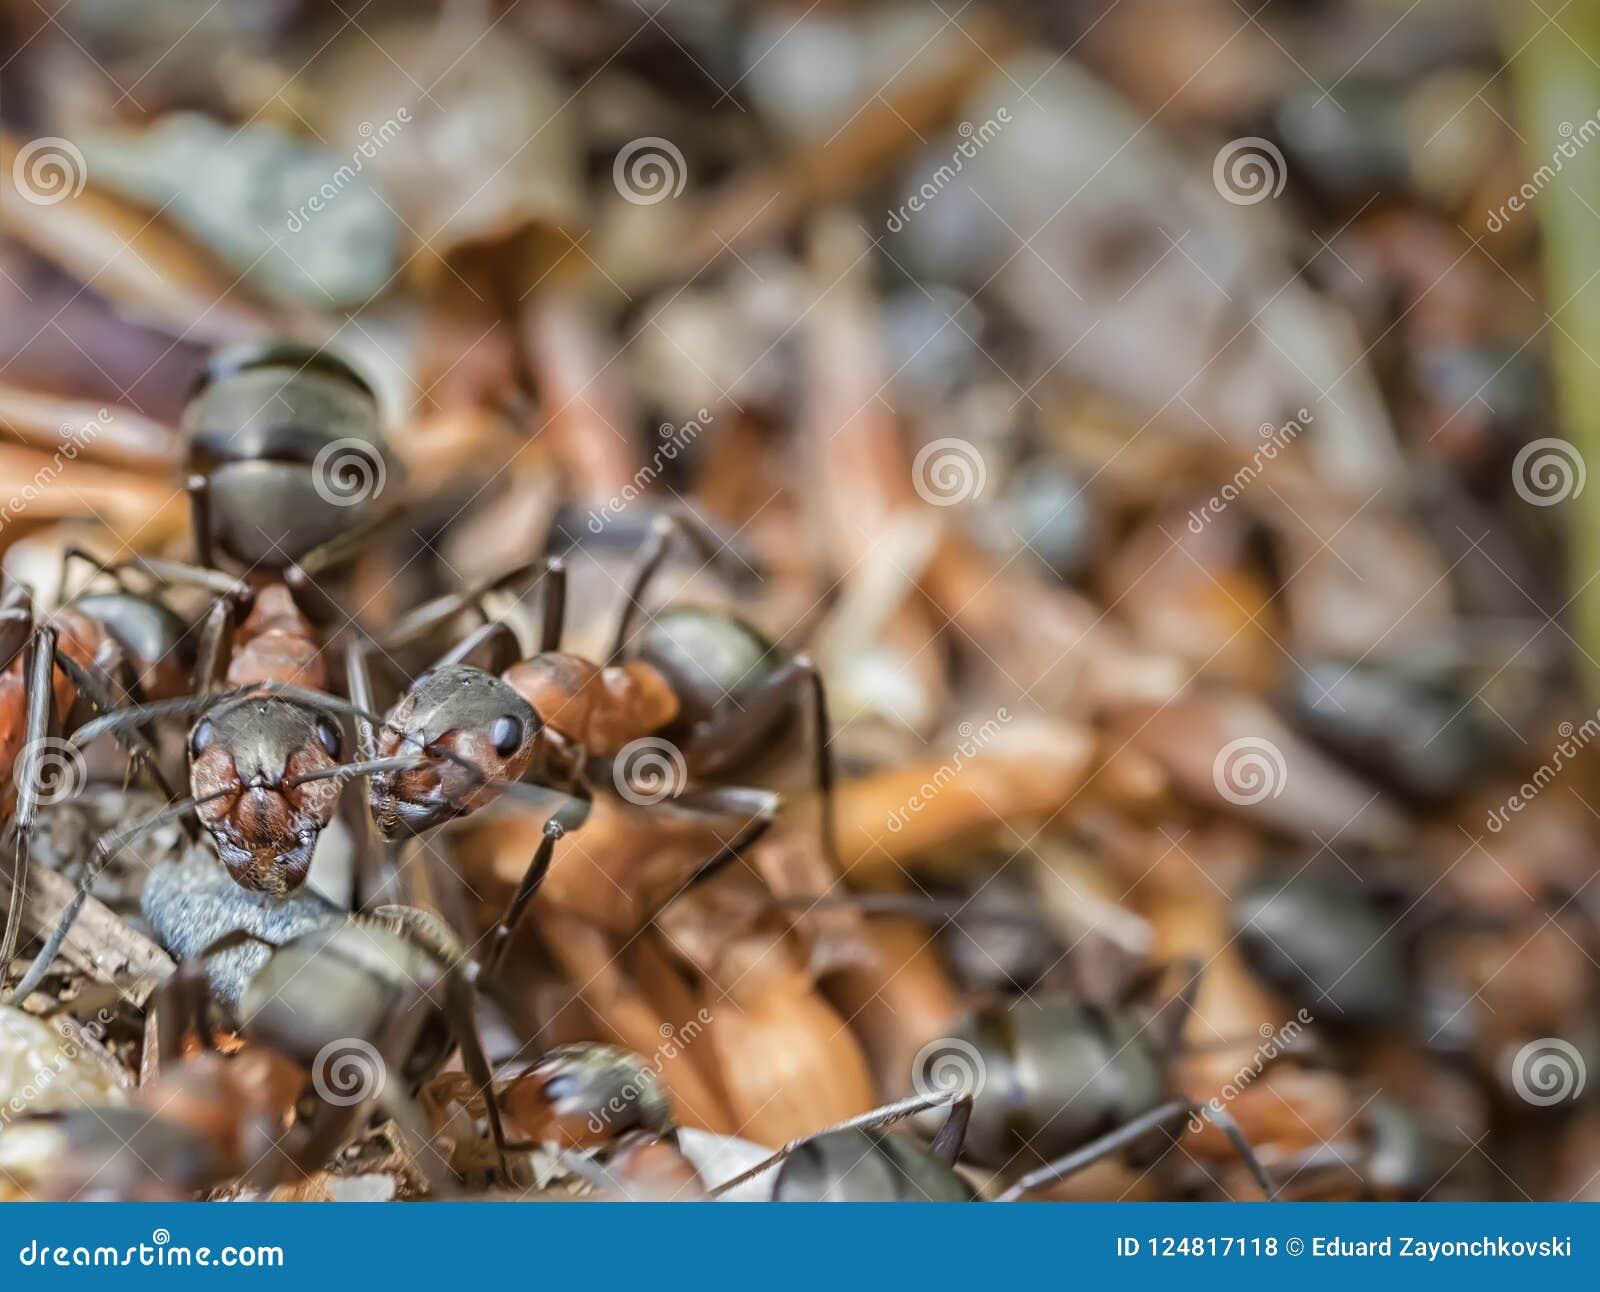 La Belleza De La Naturaleza Hormigas En El Jardín Foto de archivo ...